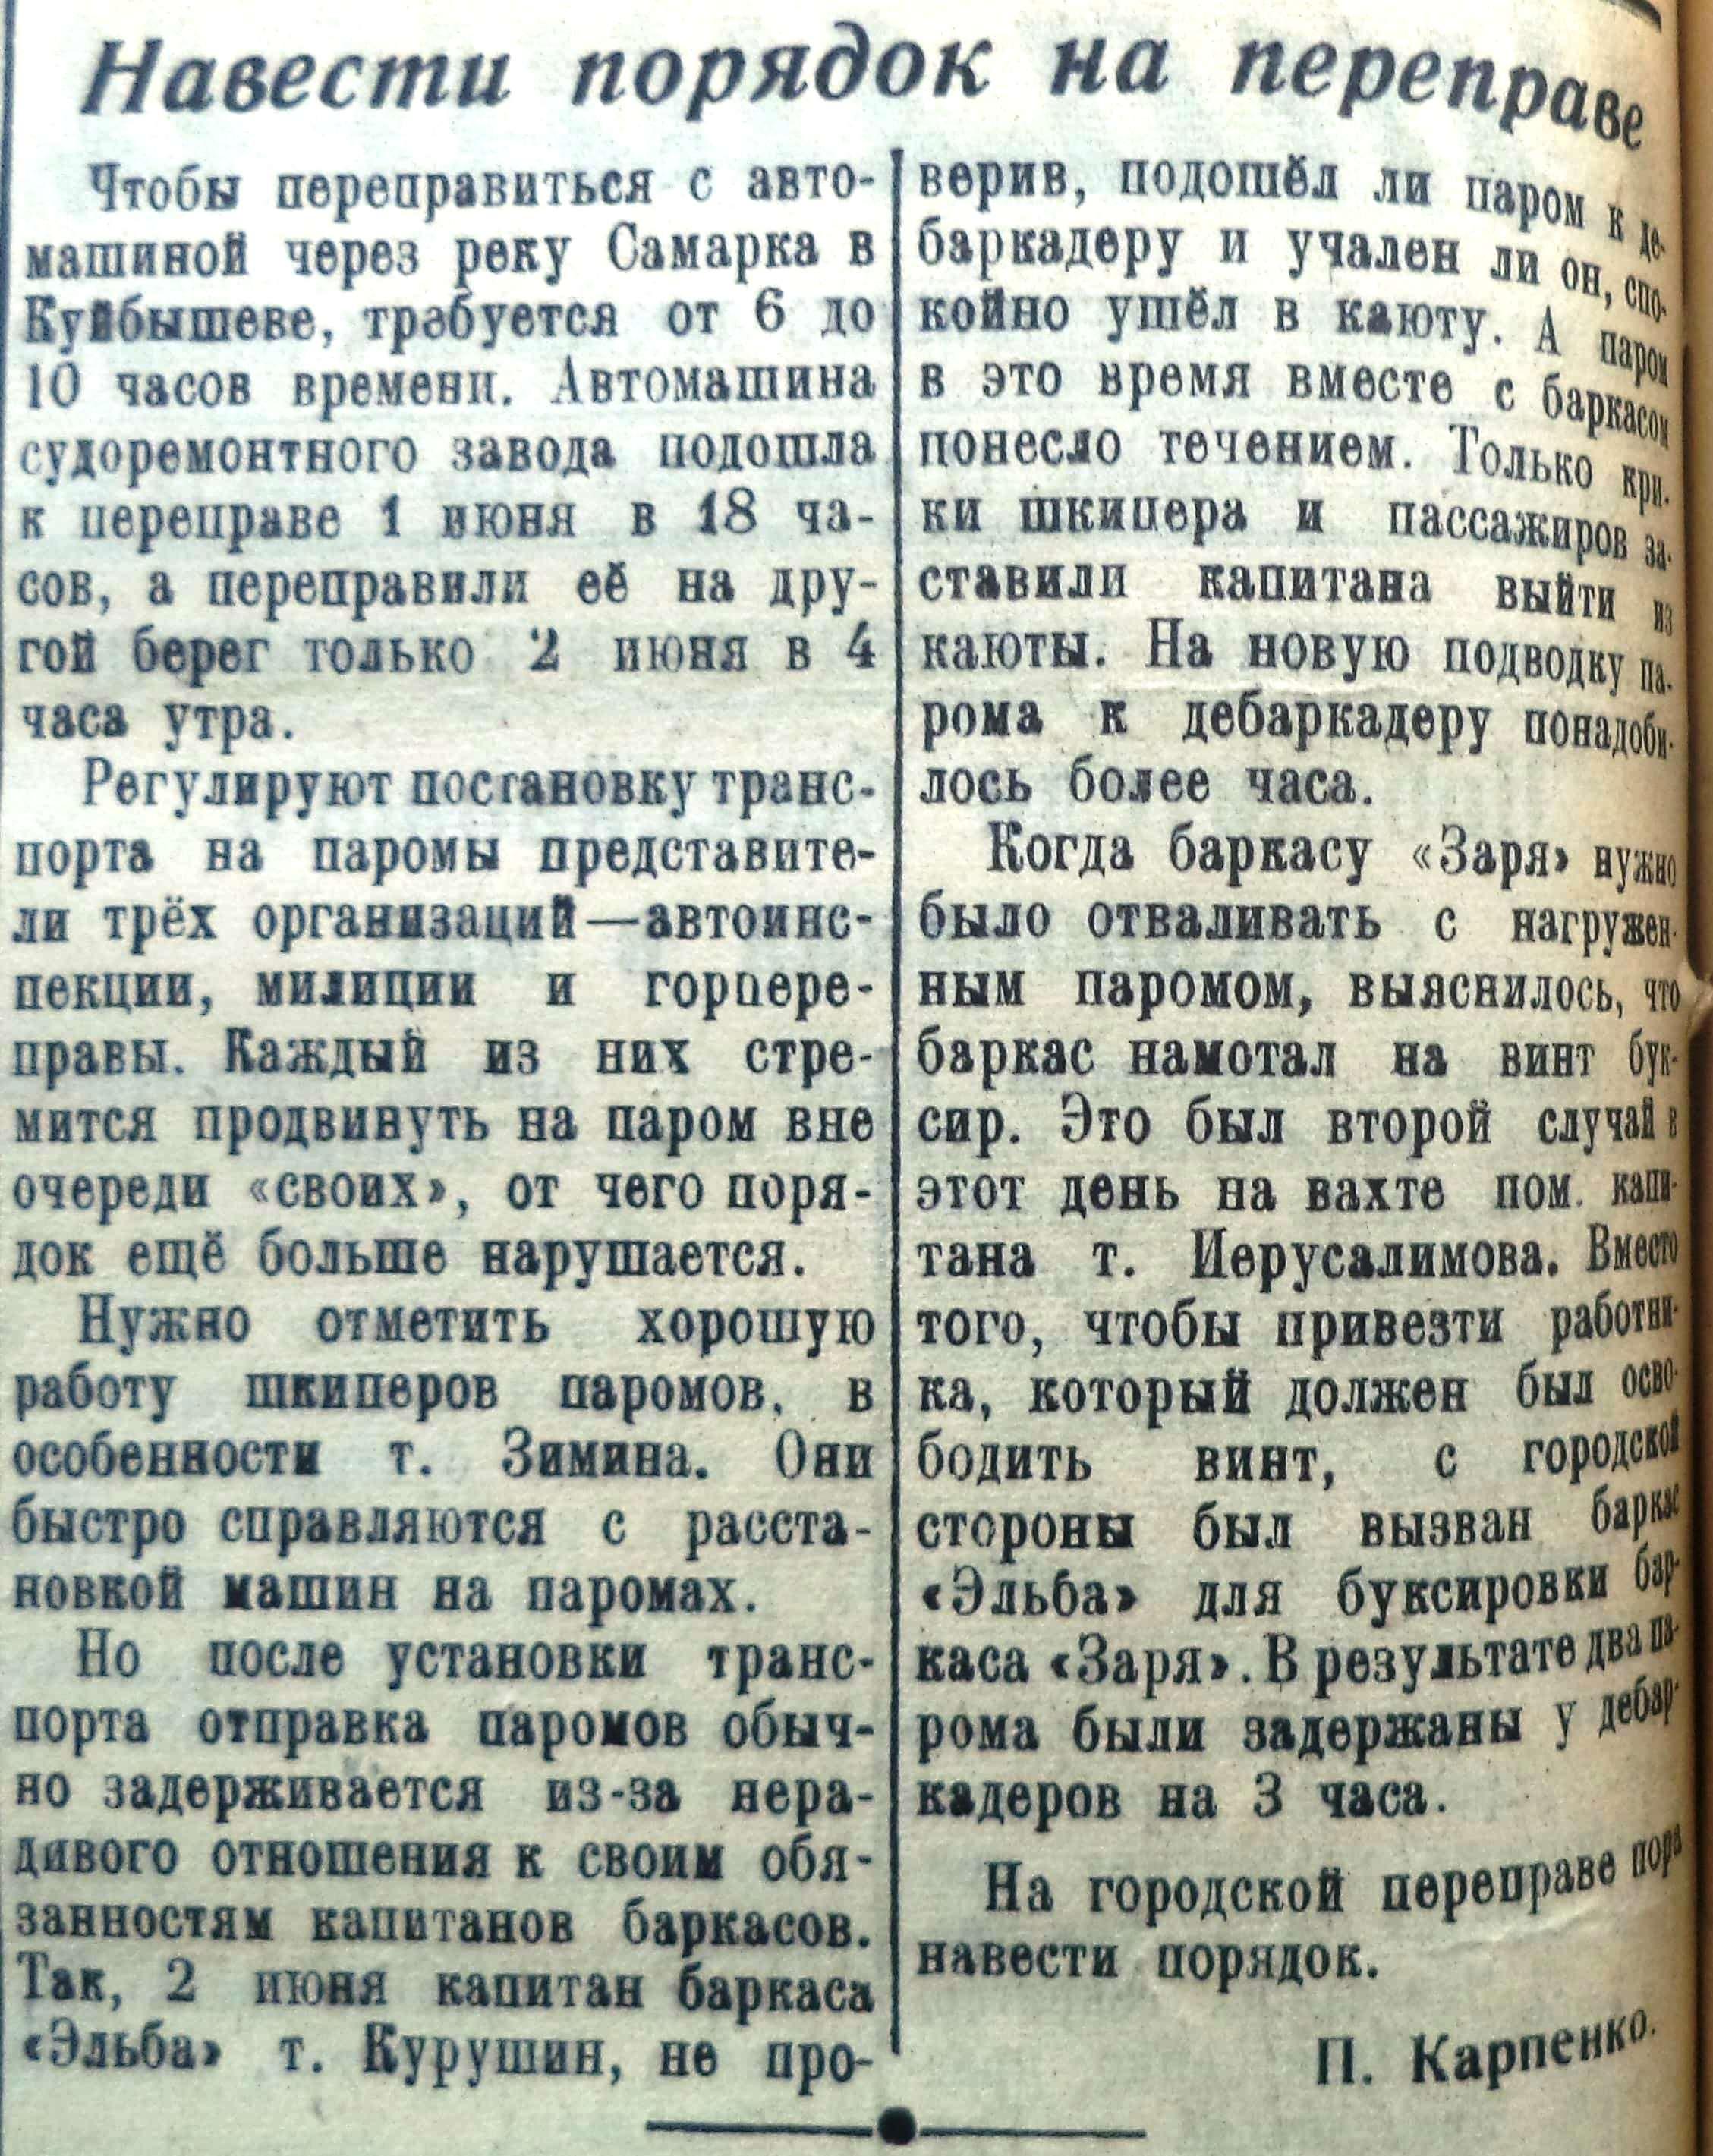 Халиловская-ФОТО-07-Сталинец-1946-06-11-пробл. перепр. через Самарку-min